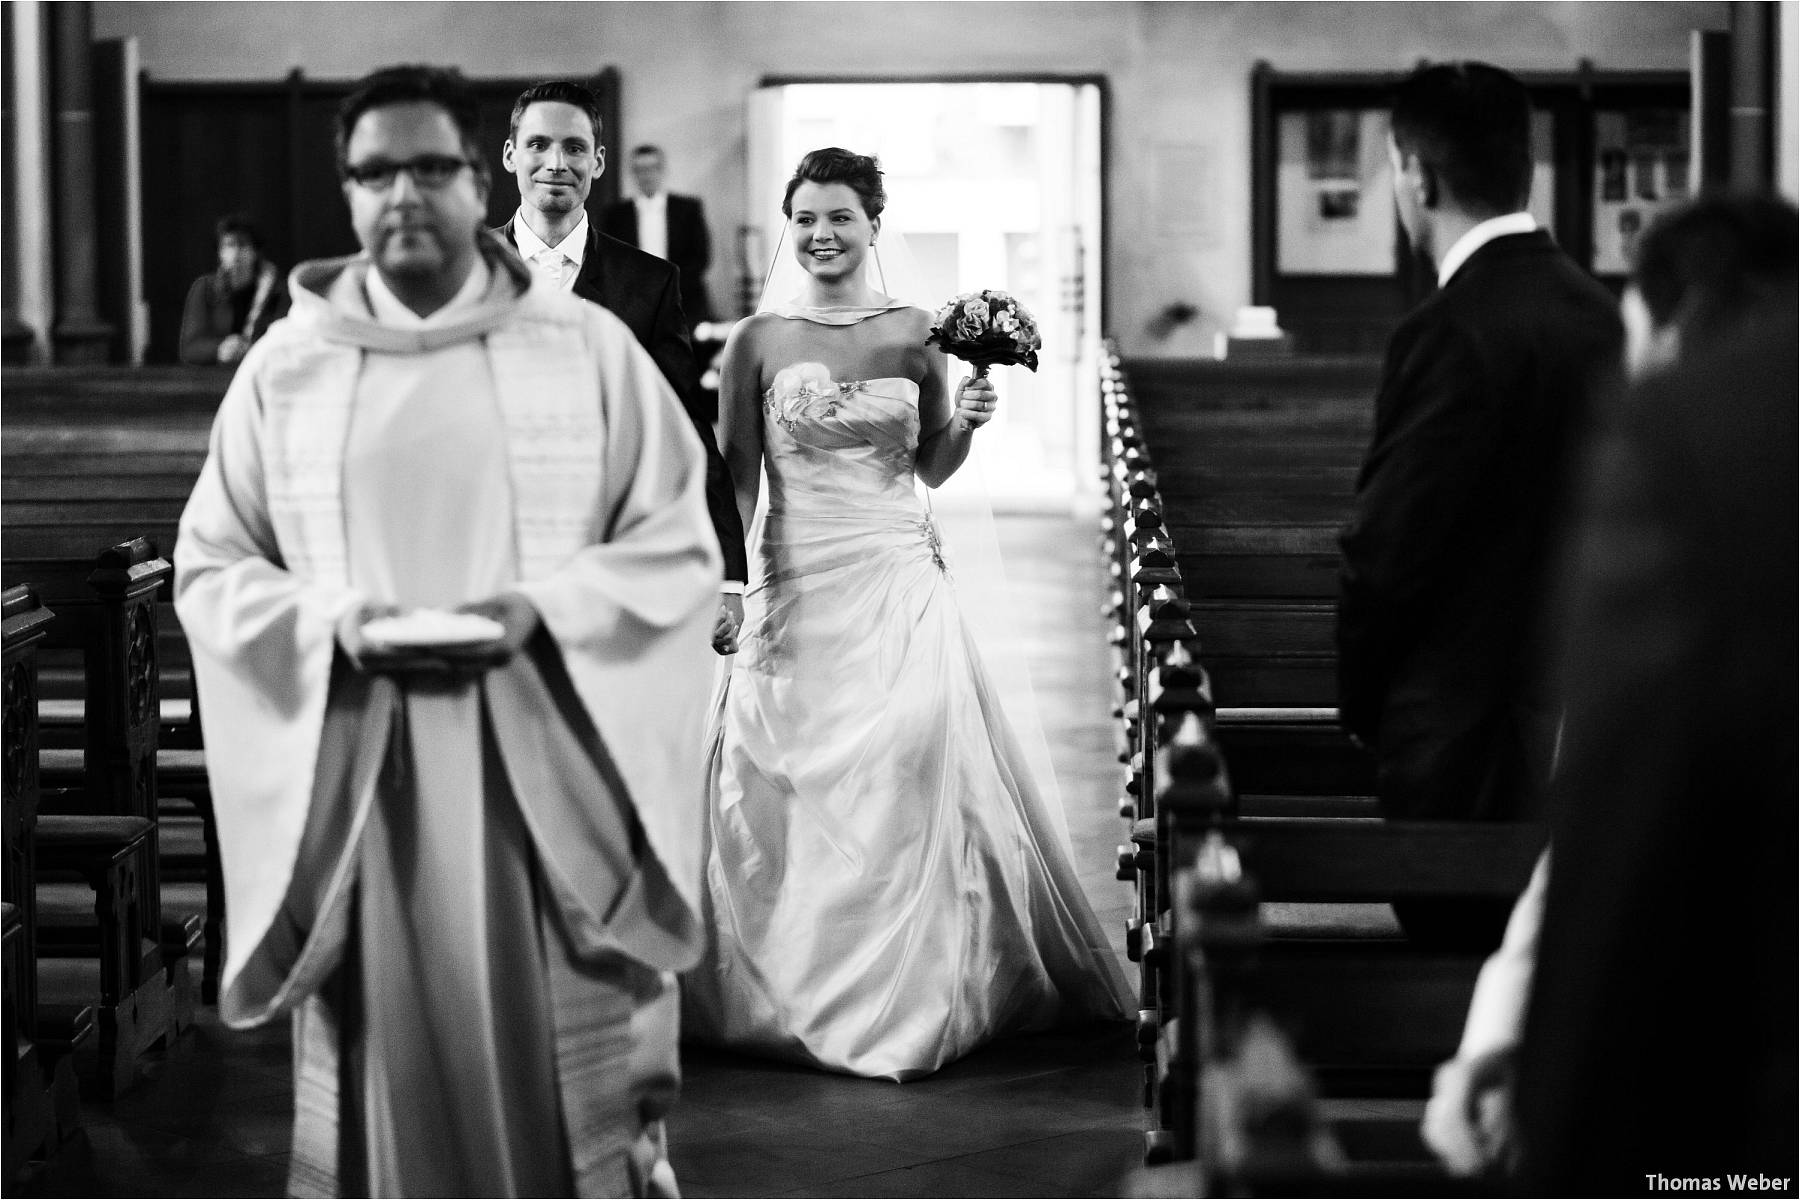 Hochzeitsfotograf Bremen: Kirchliche Trauung in der Propsteikirche St. Johann im Bremer Schnoor und Hochzeitsfeier bei Rogge Dünsen (4)